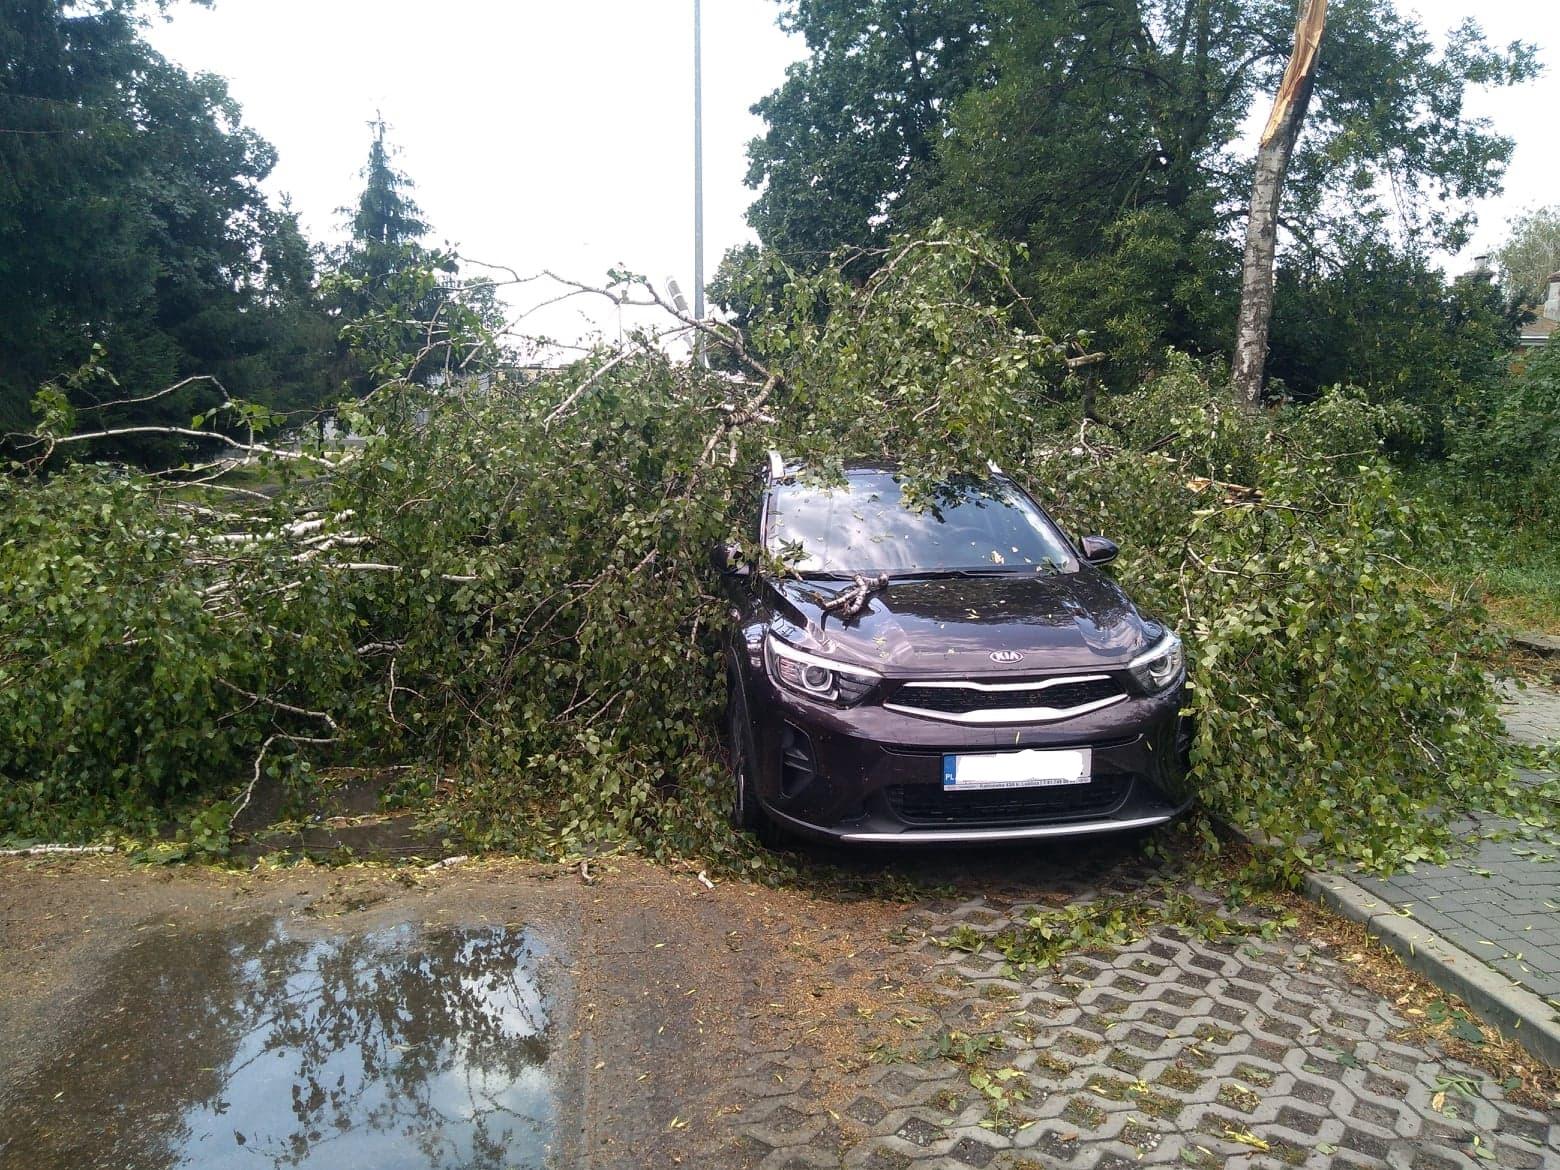 burza 5 Zerwane dachy, połamane drzewa, uszkodzone samochody. Straty po burzy, która przeszła nad Zamojszczyzną